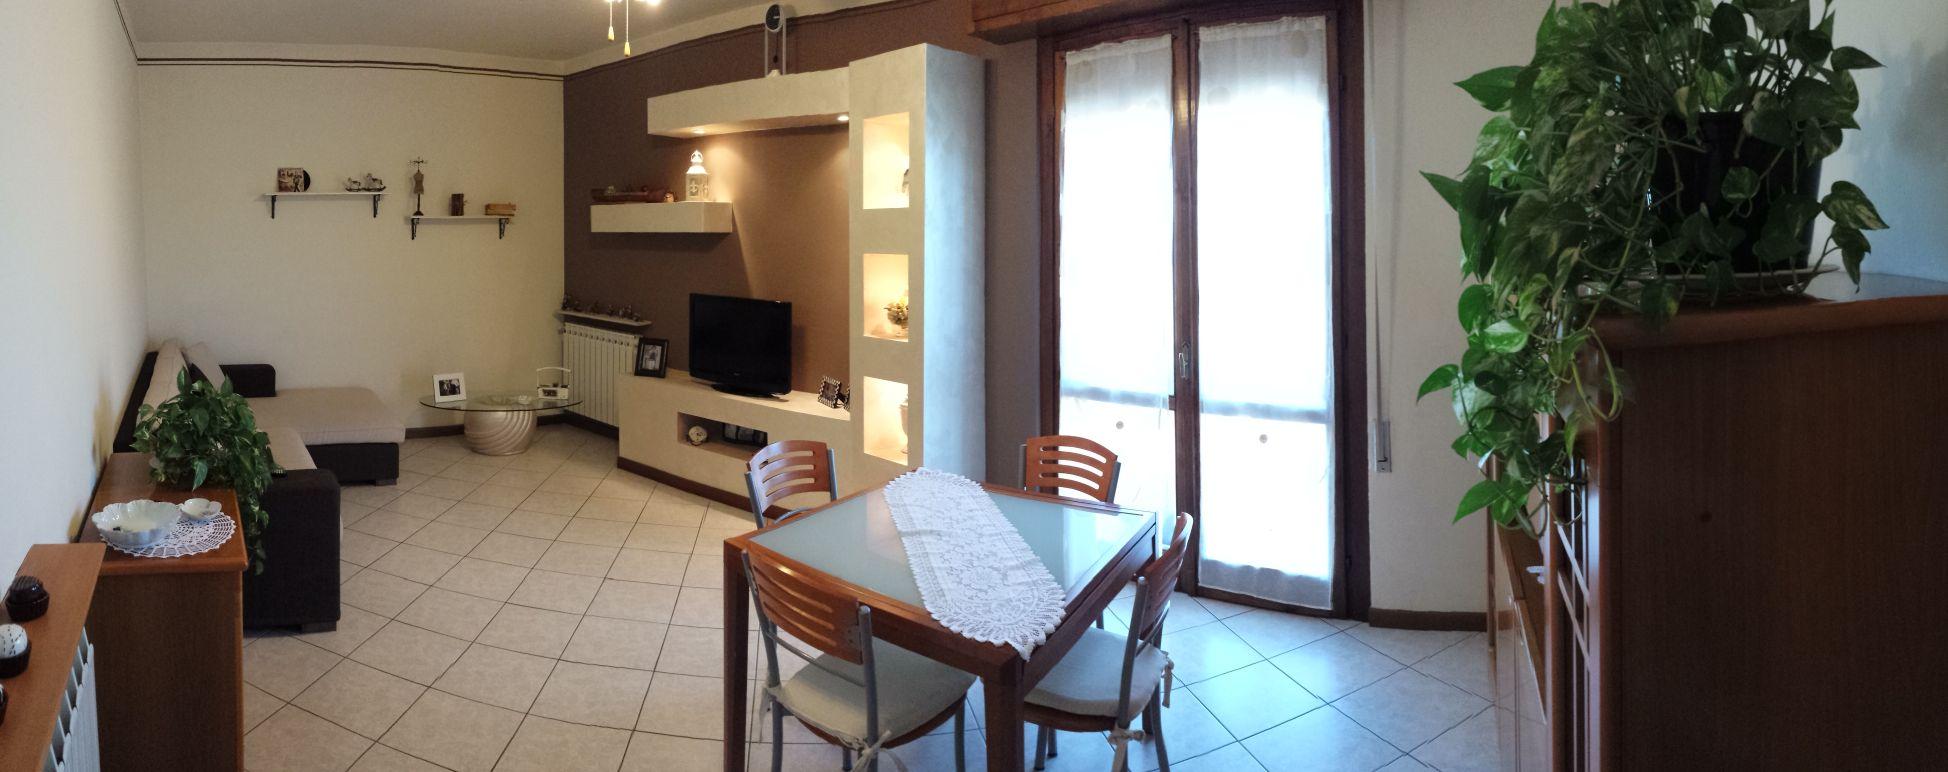 Ingresso soggiorno : interior design per la casa.